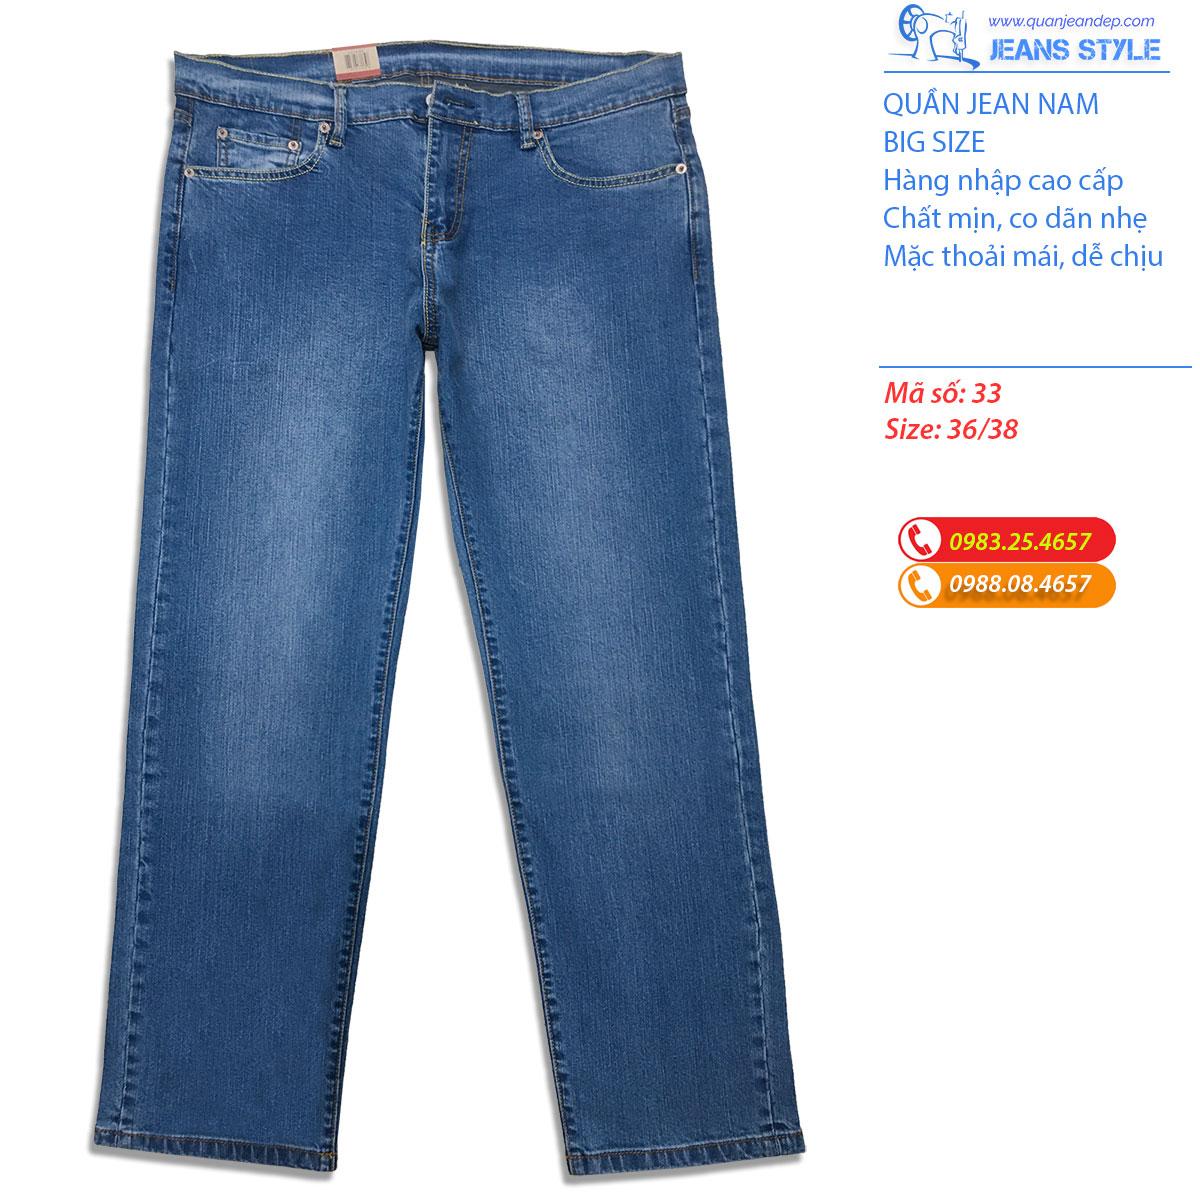 Quần jeans nam big size dáng SLIM-FIT co dãn nhẹ Giá:420.000,00 ₫